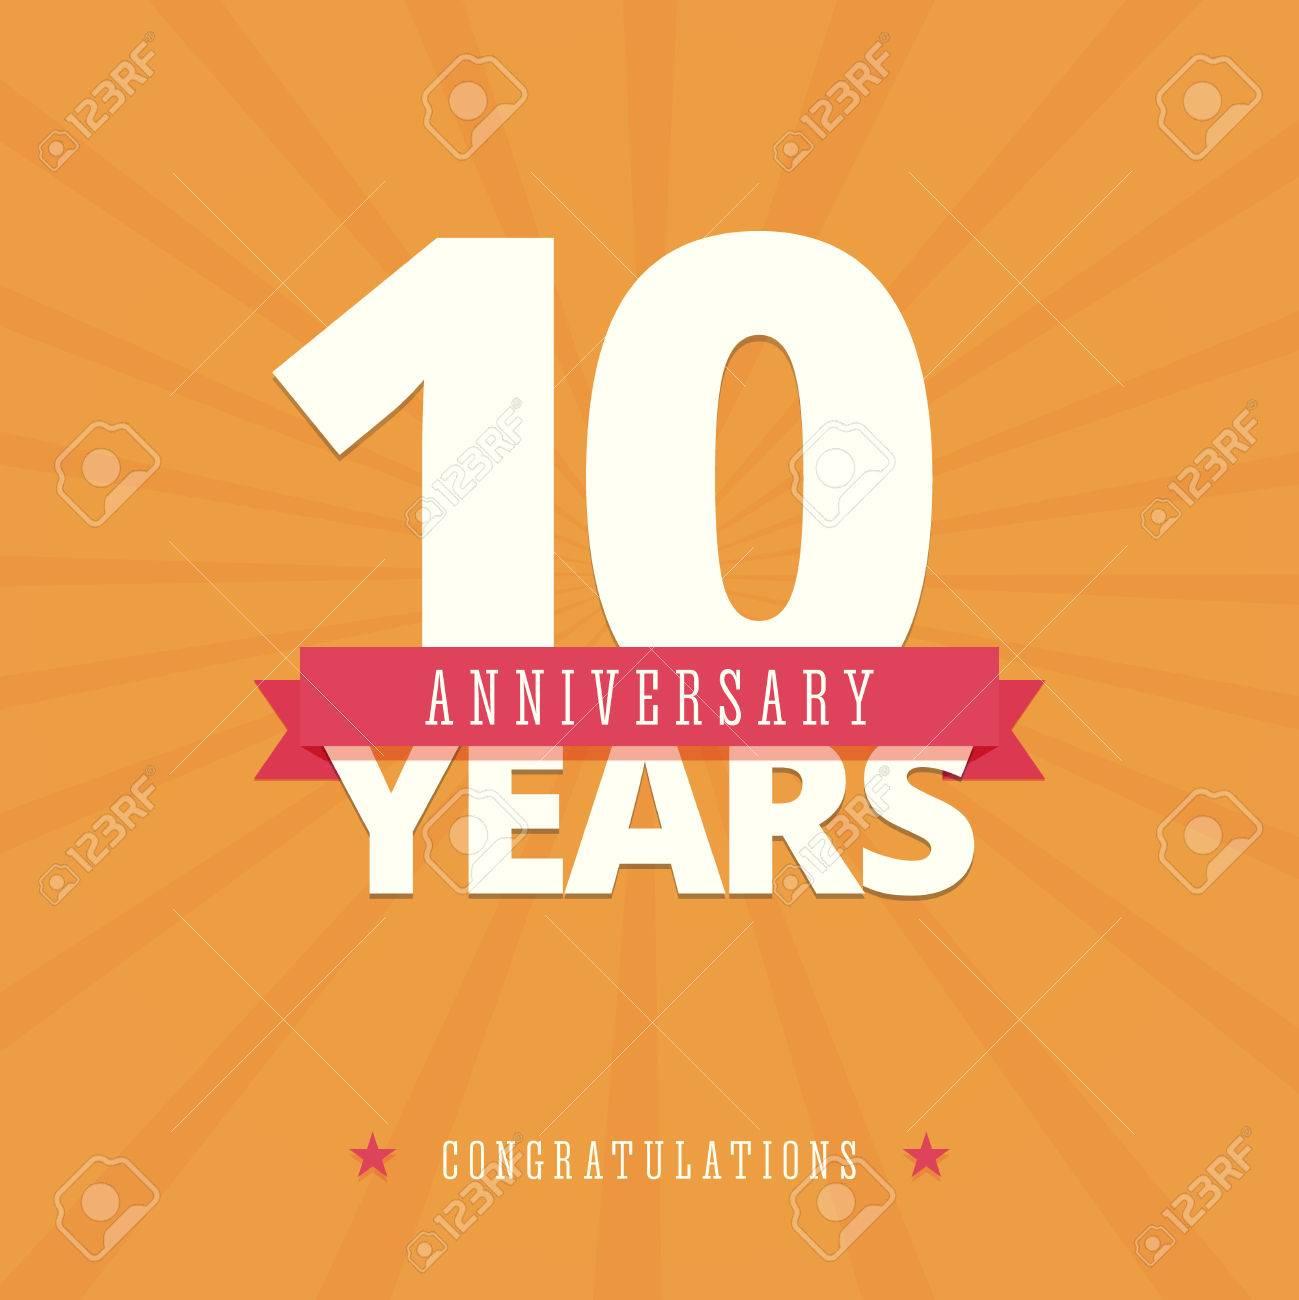 10 Jahriges Jubilaum Karte Poster Vorlage Lizenzfrei Nutzbare